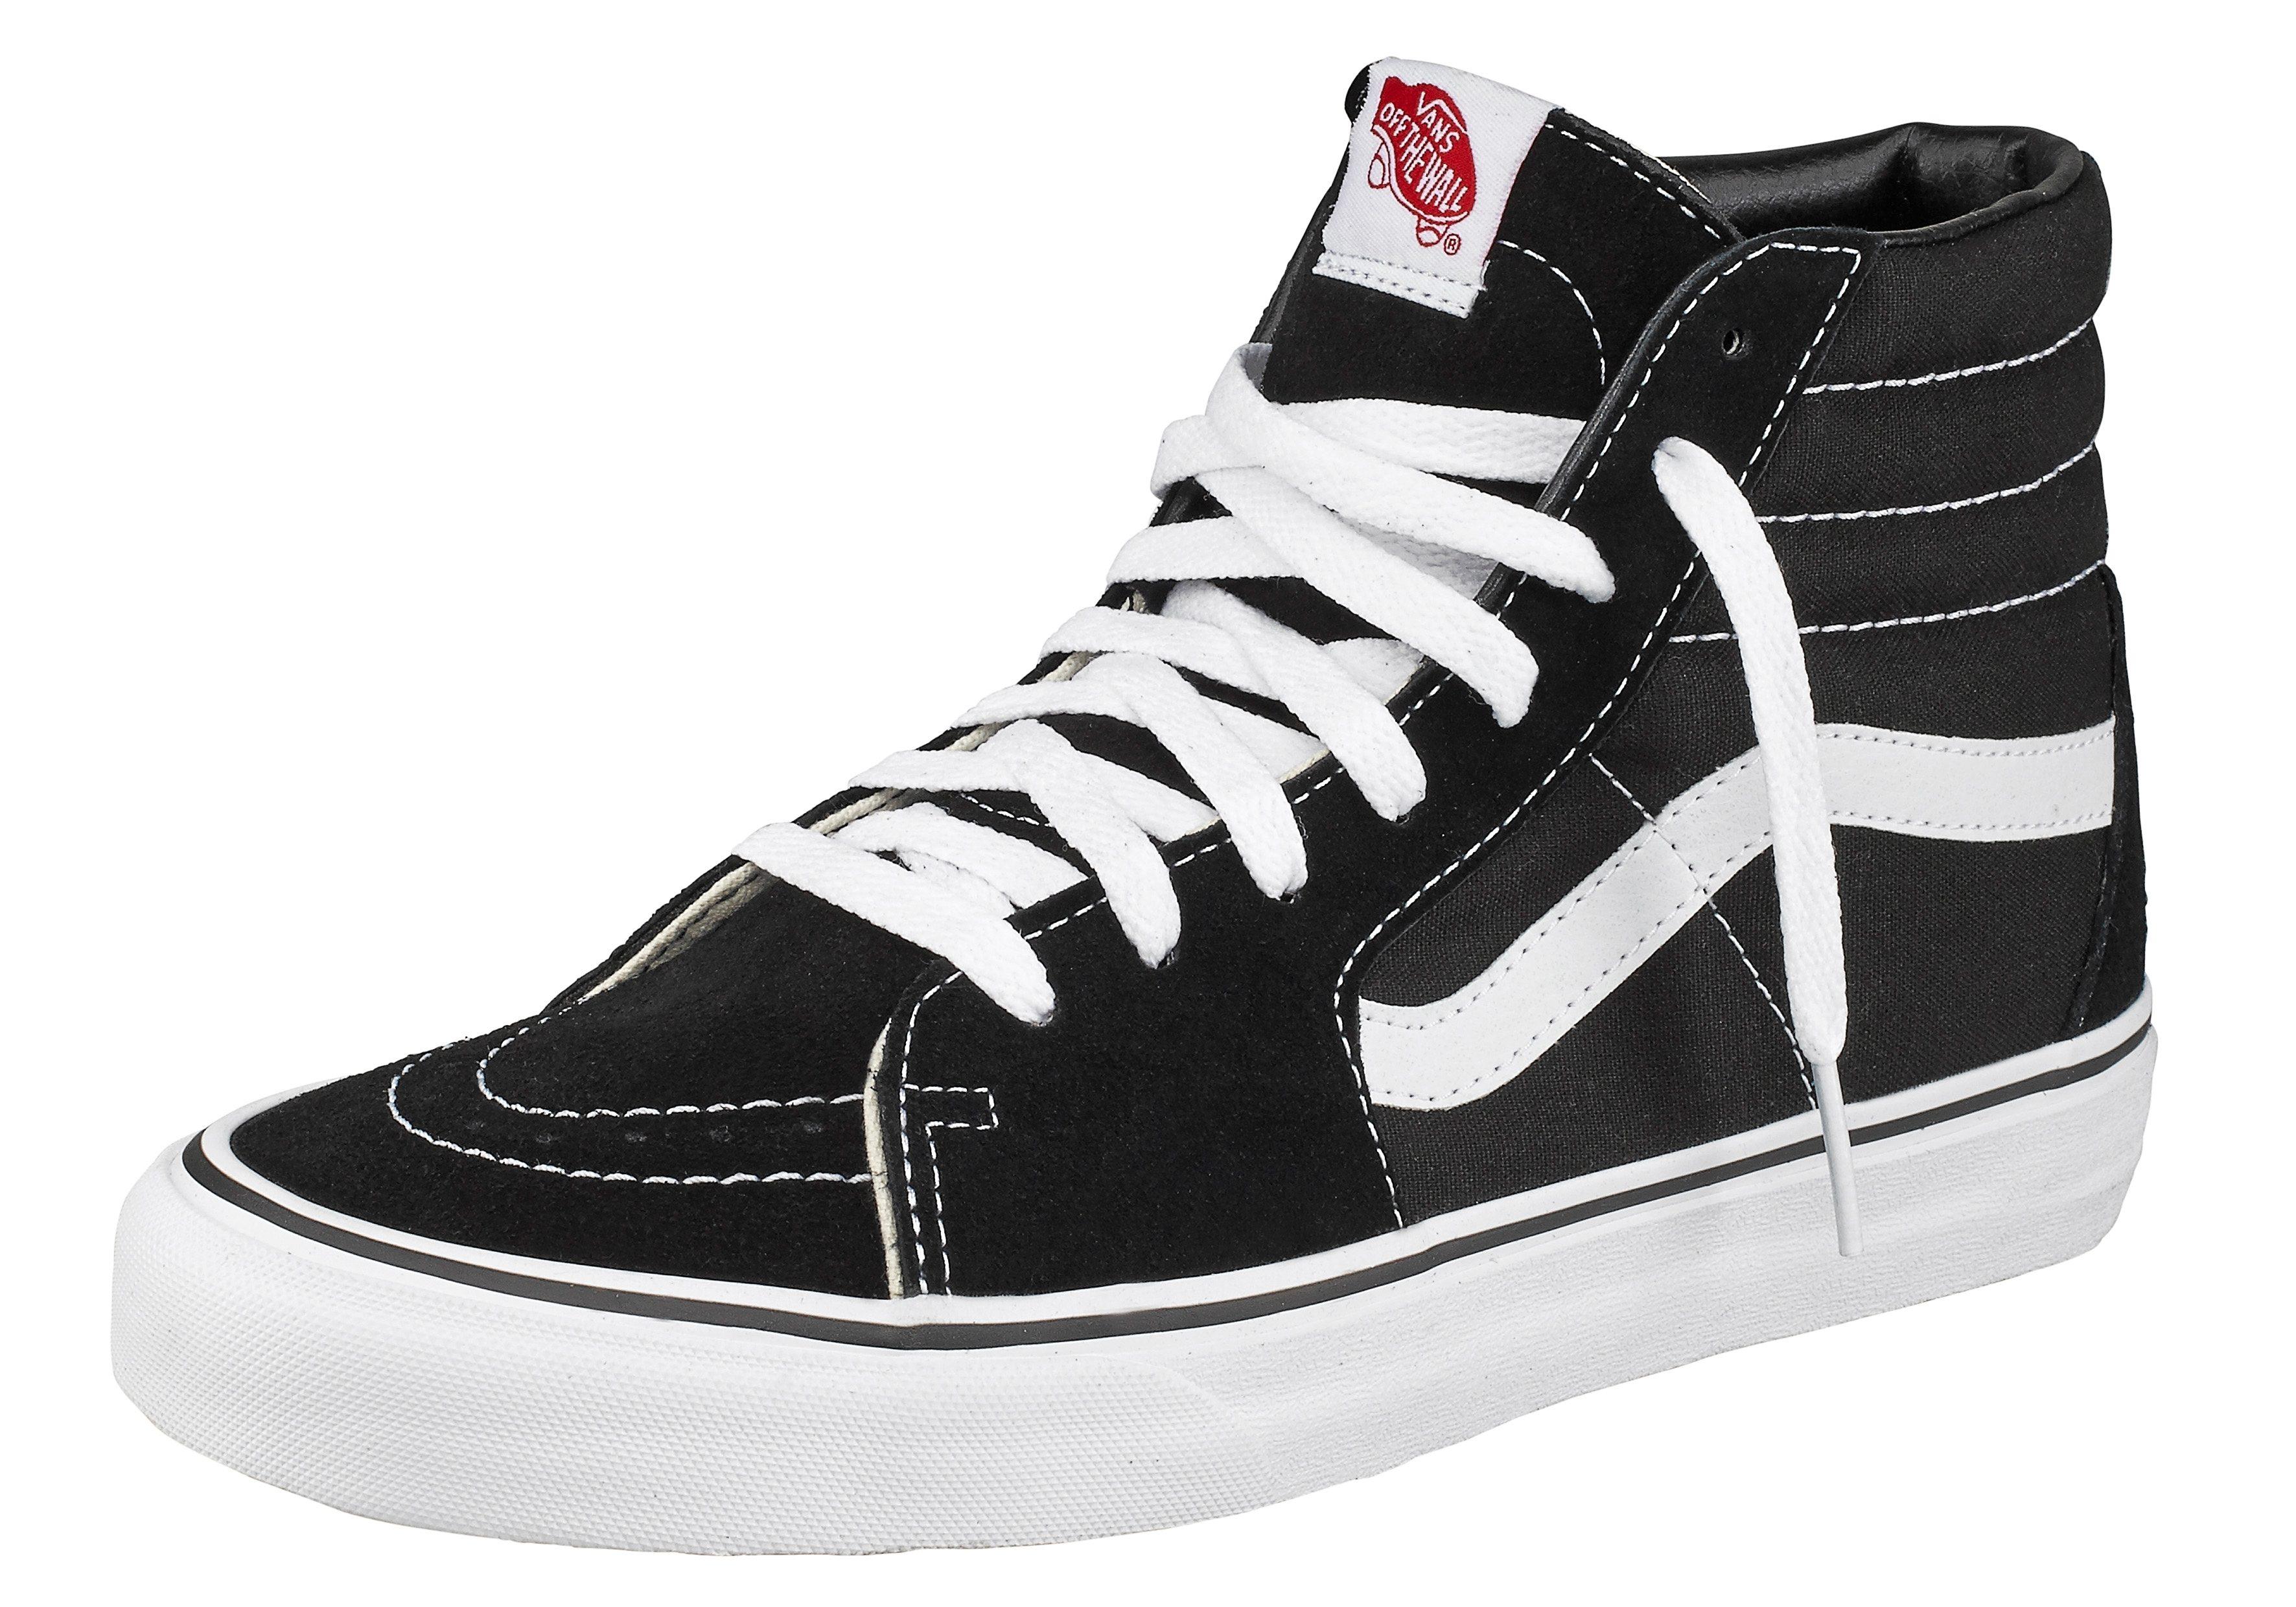 Vans »SK8-Hi« Sneaker Unisex online kaufen | OTTO